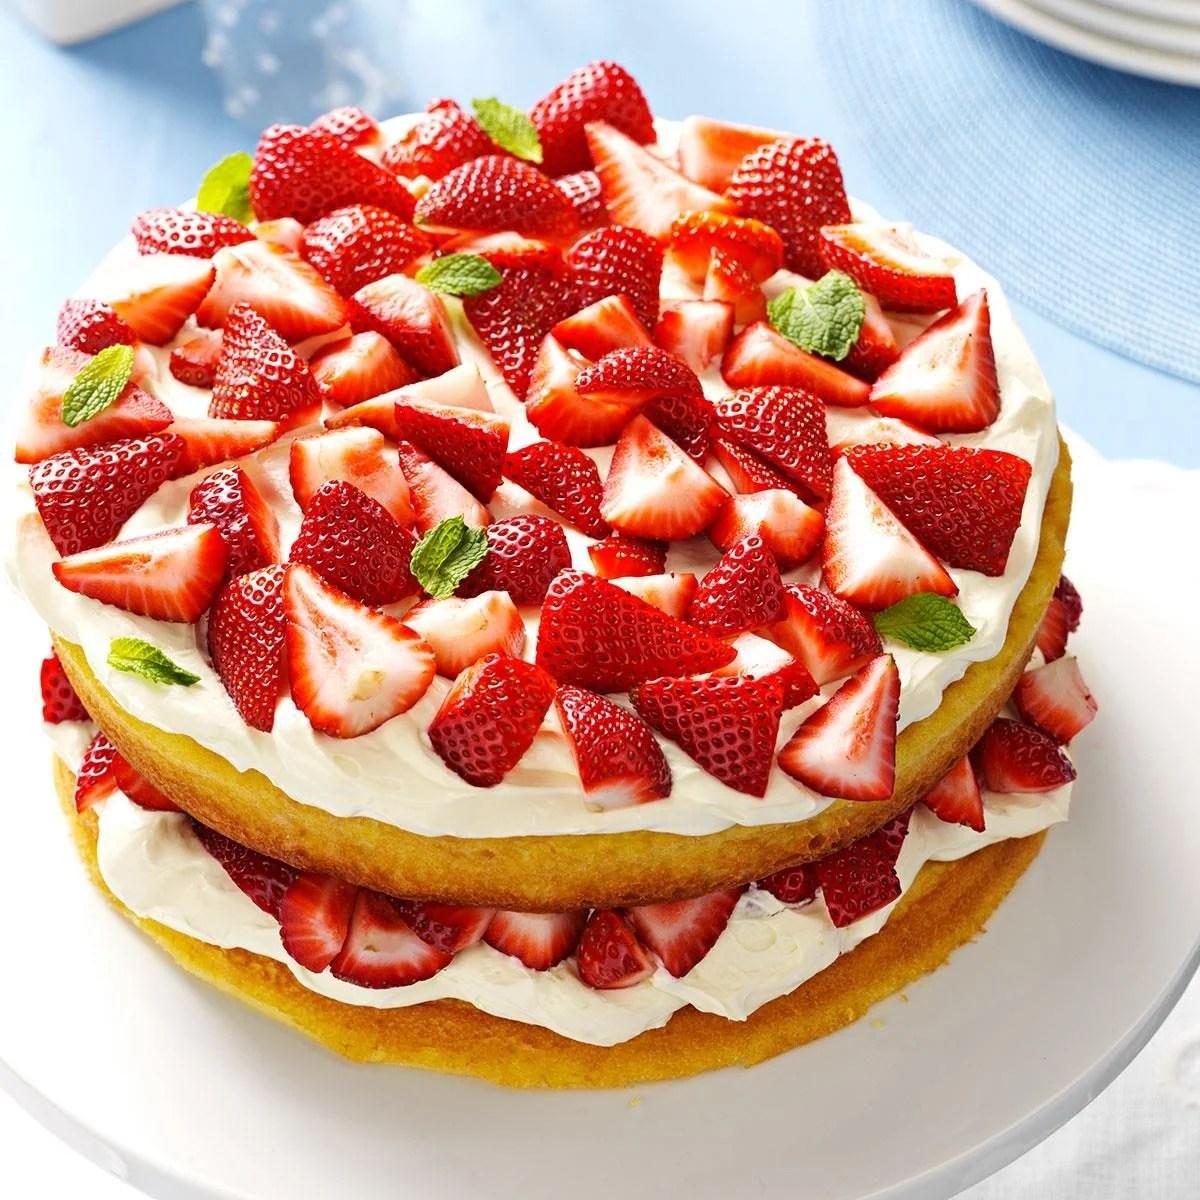 Quick Strawberry Shortcake Recipe